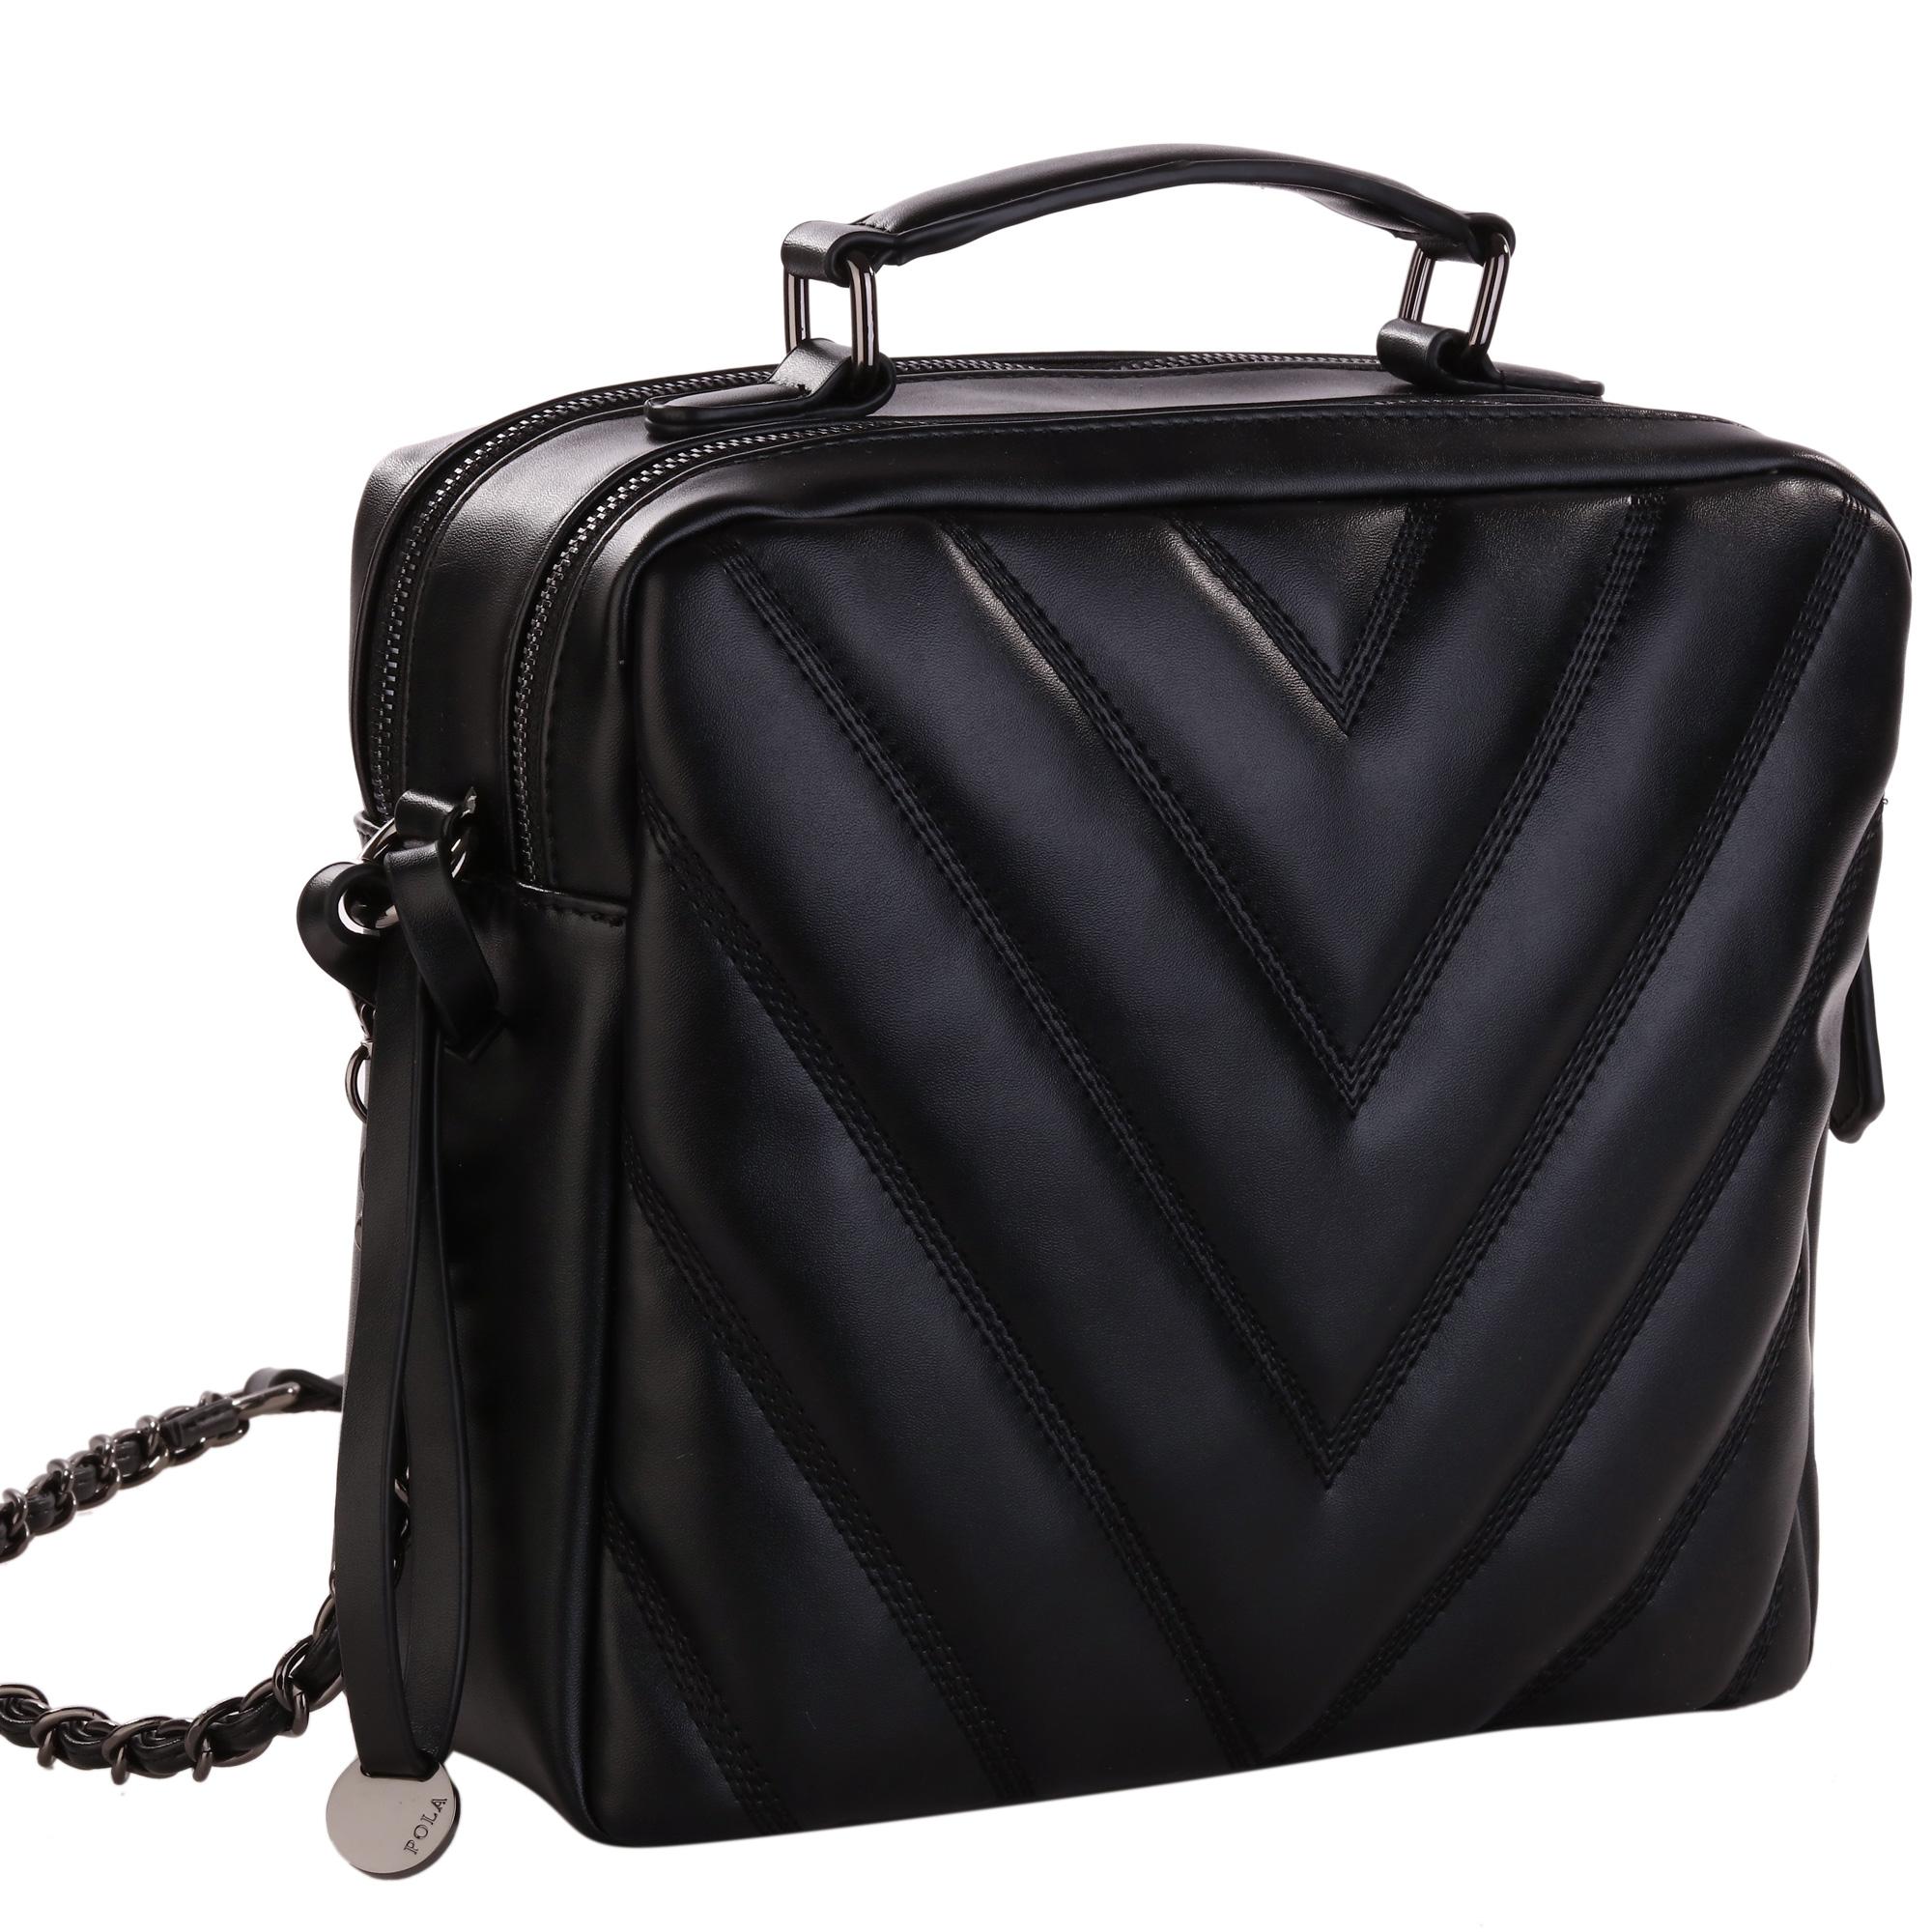 Сумка женская Pola, цвет: черный. 82768276Женская сумка фирмы Pola выполнена из экокожи. Имеет два независимых отделения на металлических молниях. Внутри два открытых кармана и один карман на молнии. В комплекте съемный, нерегулируемый плечевой ремень, высотой 58 см. Цвет фурнитуры- черный.